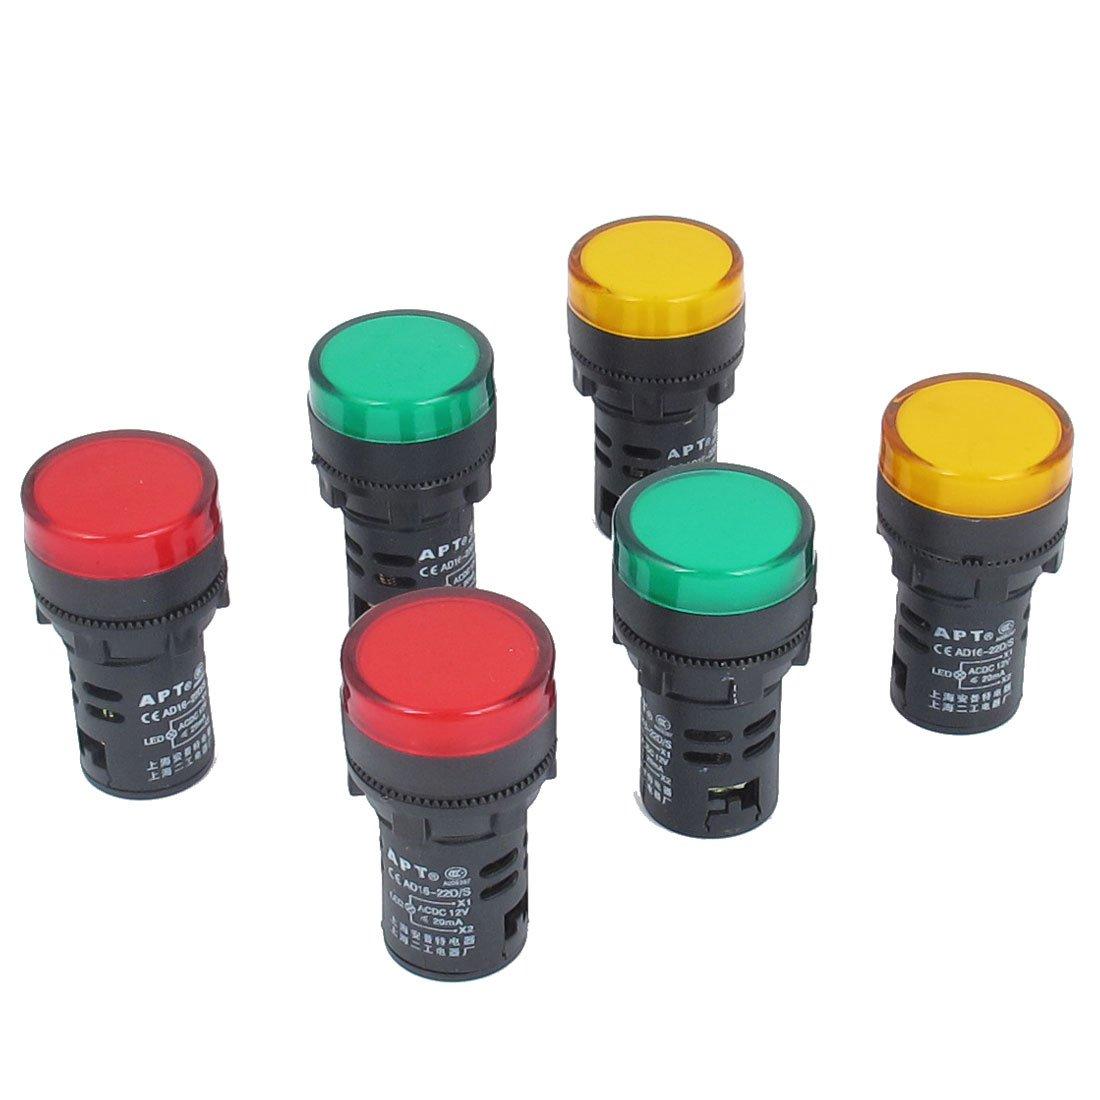 AC 12V 20MA LED Power Indicator Pilot Light Lamp 6Pcs Orange Green Red